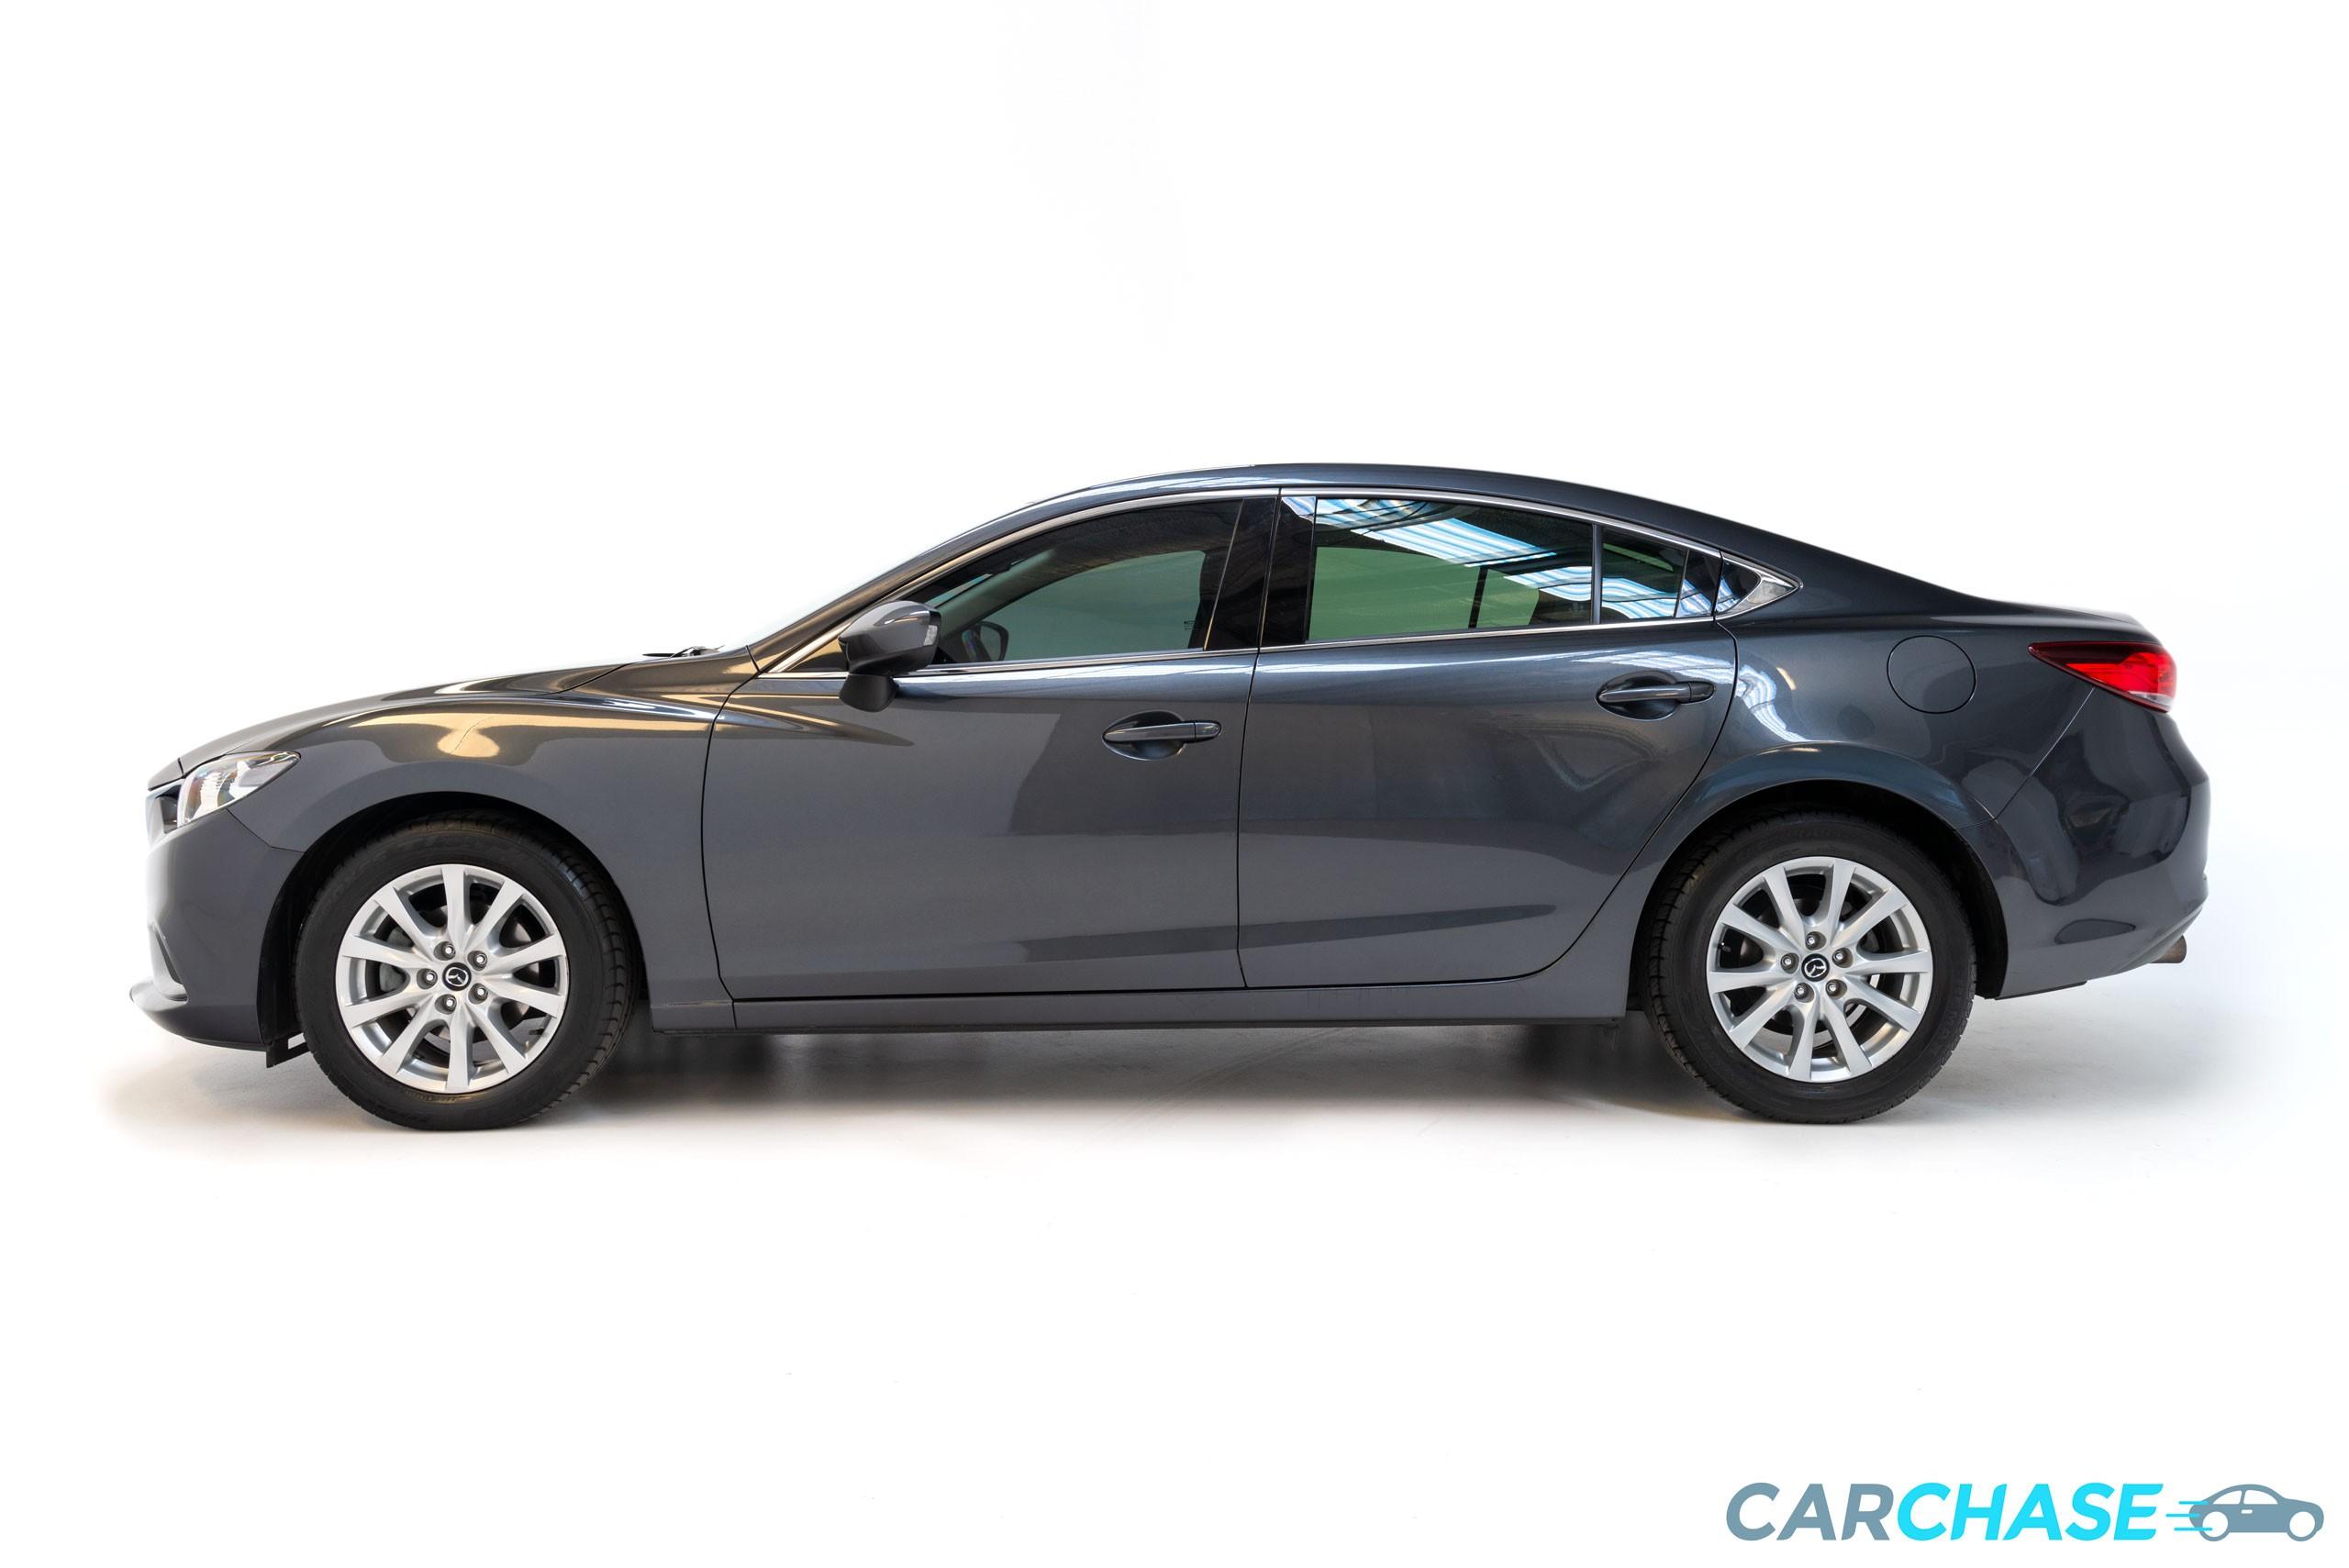 Image 3/10 of 2013 Mazda 6 GJ